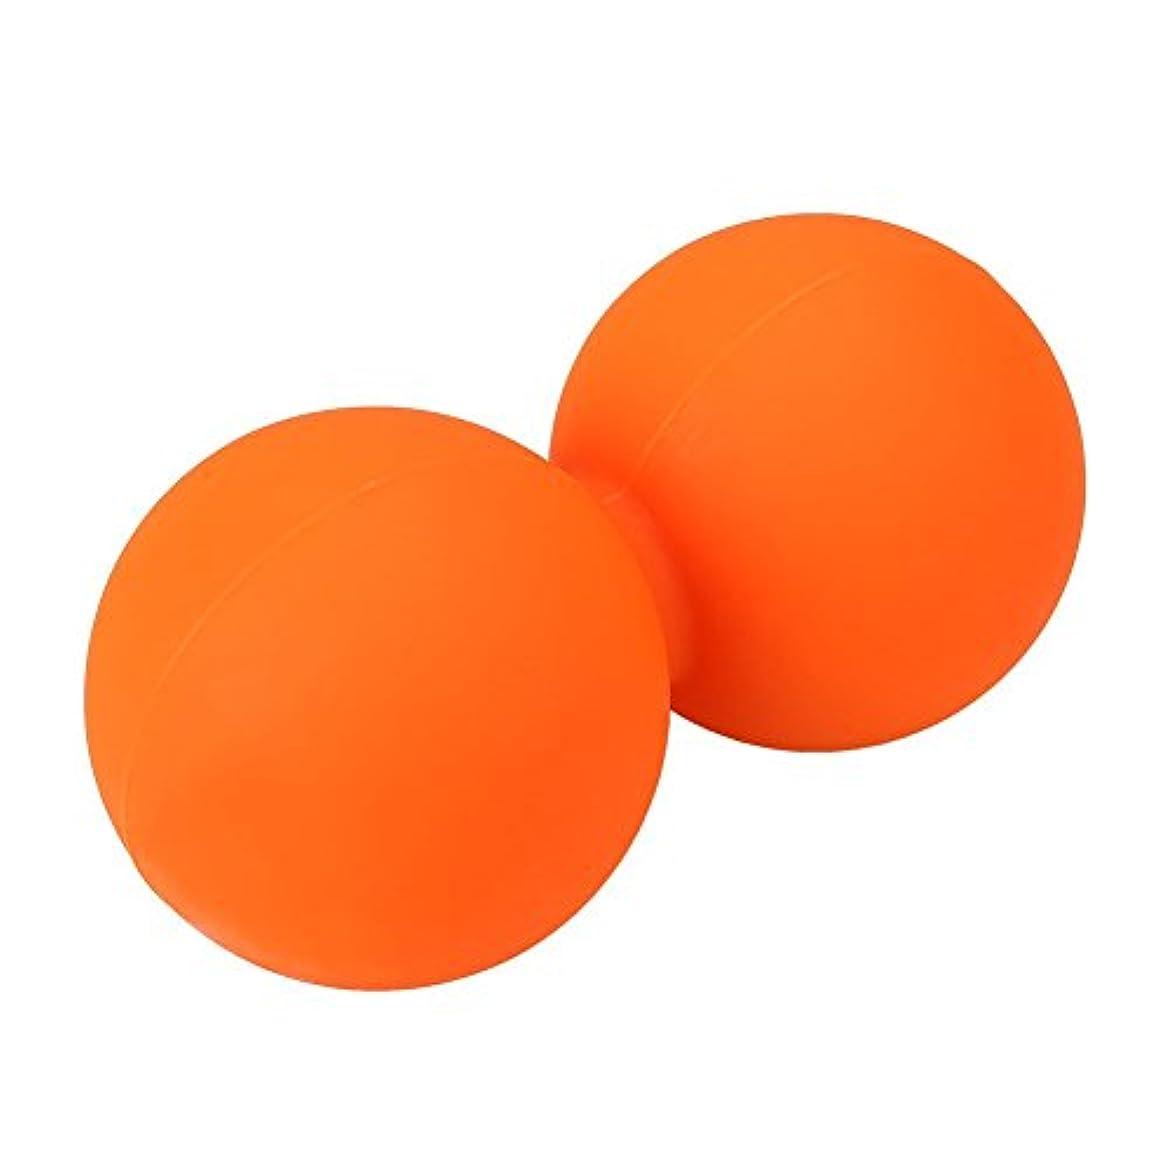 評価可能ほとんどない十二attachmenttou スパイクマッサージボールダブルラクロス 筋筋膜トリガーリリースピーナッツ マッサージクロスボール 運動